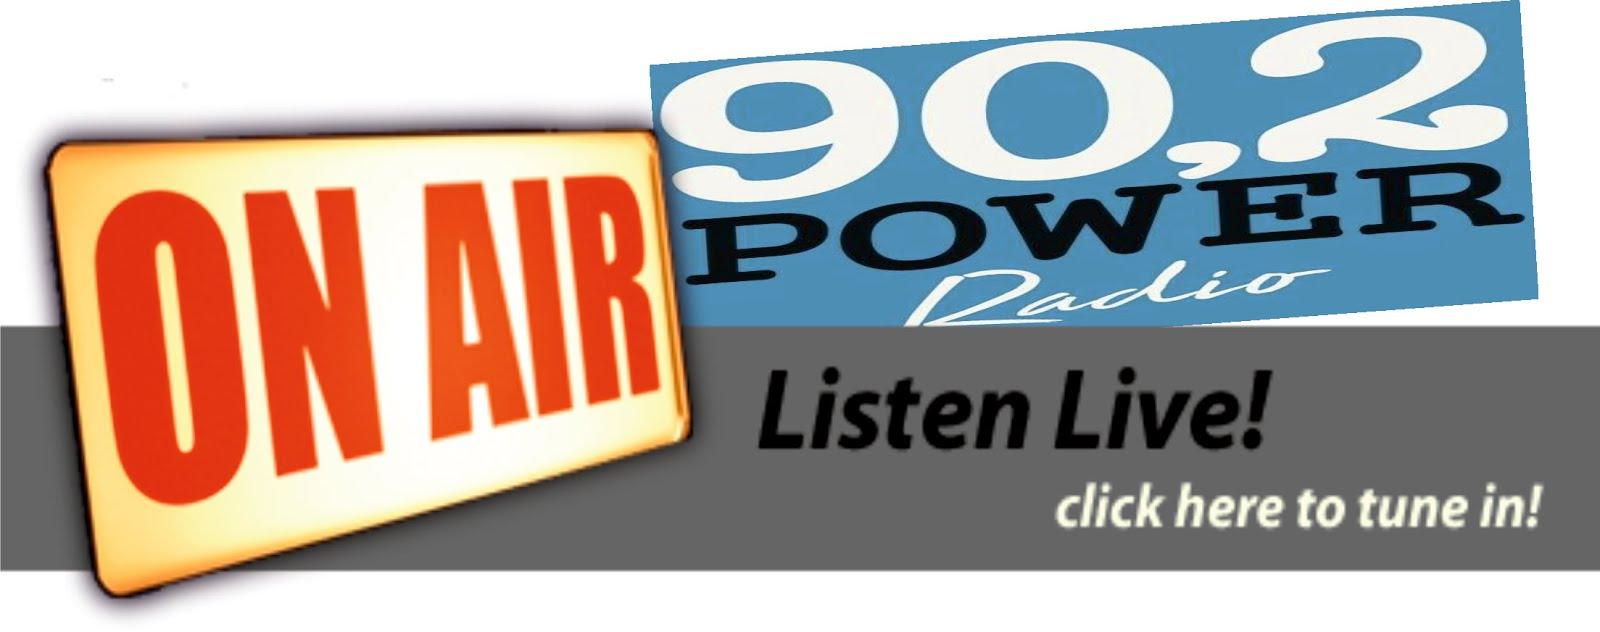 Listen_Live_Power902